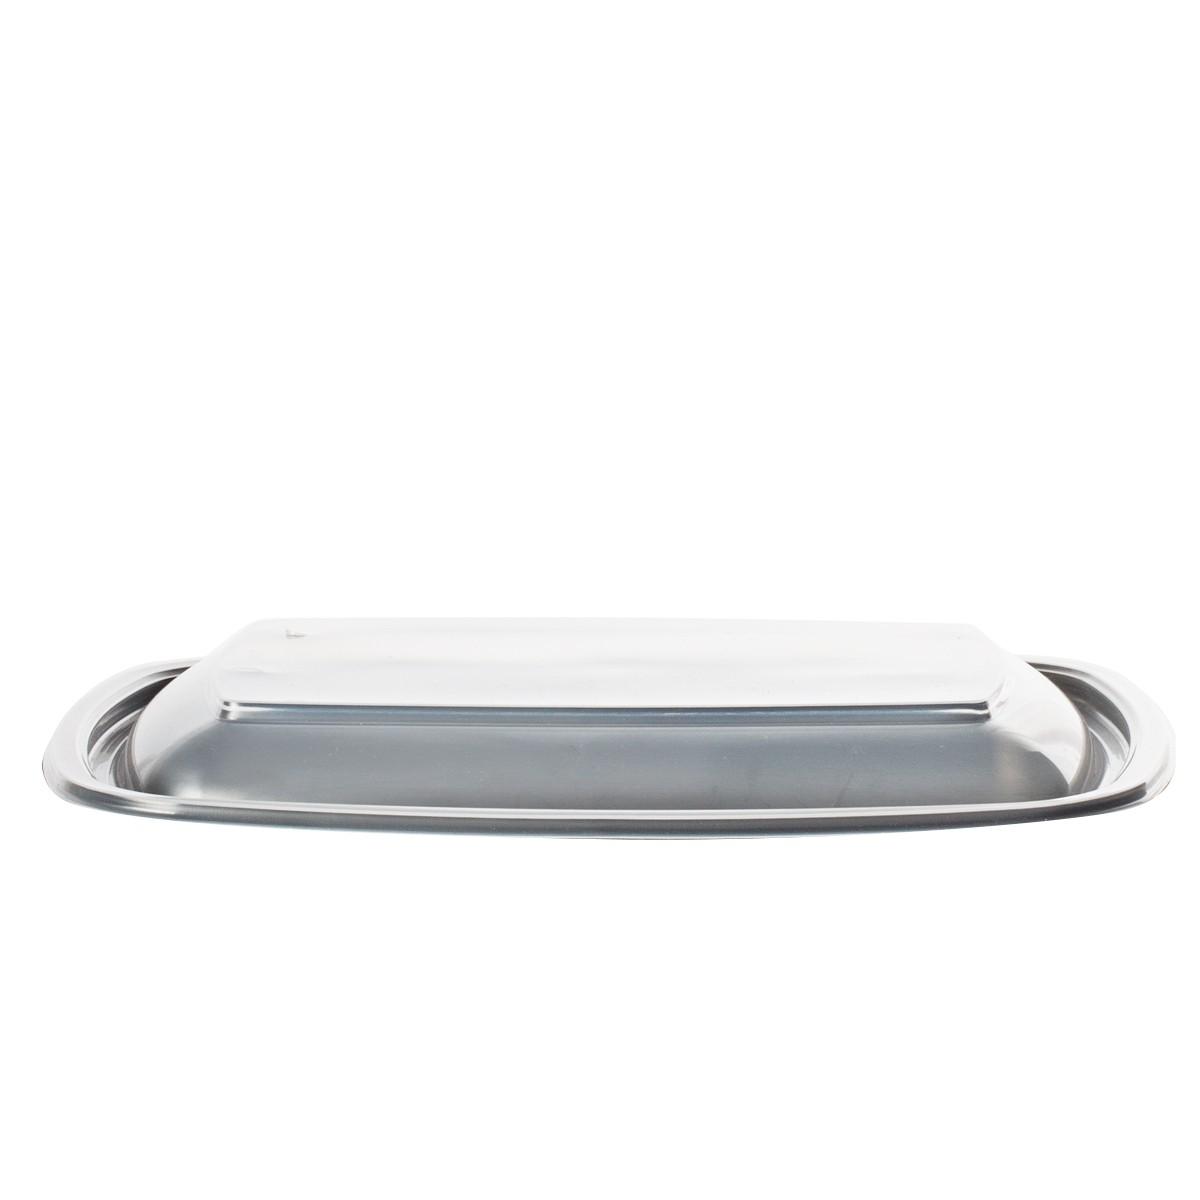 Couvercle pour boite rectangulaire Micro ondable 60 et 90 cl